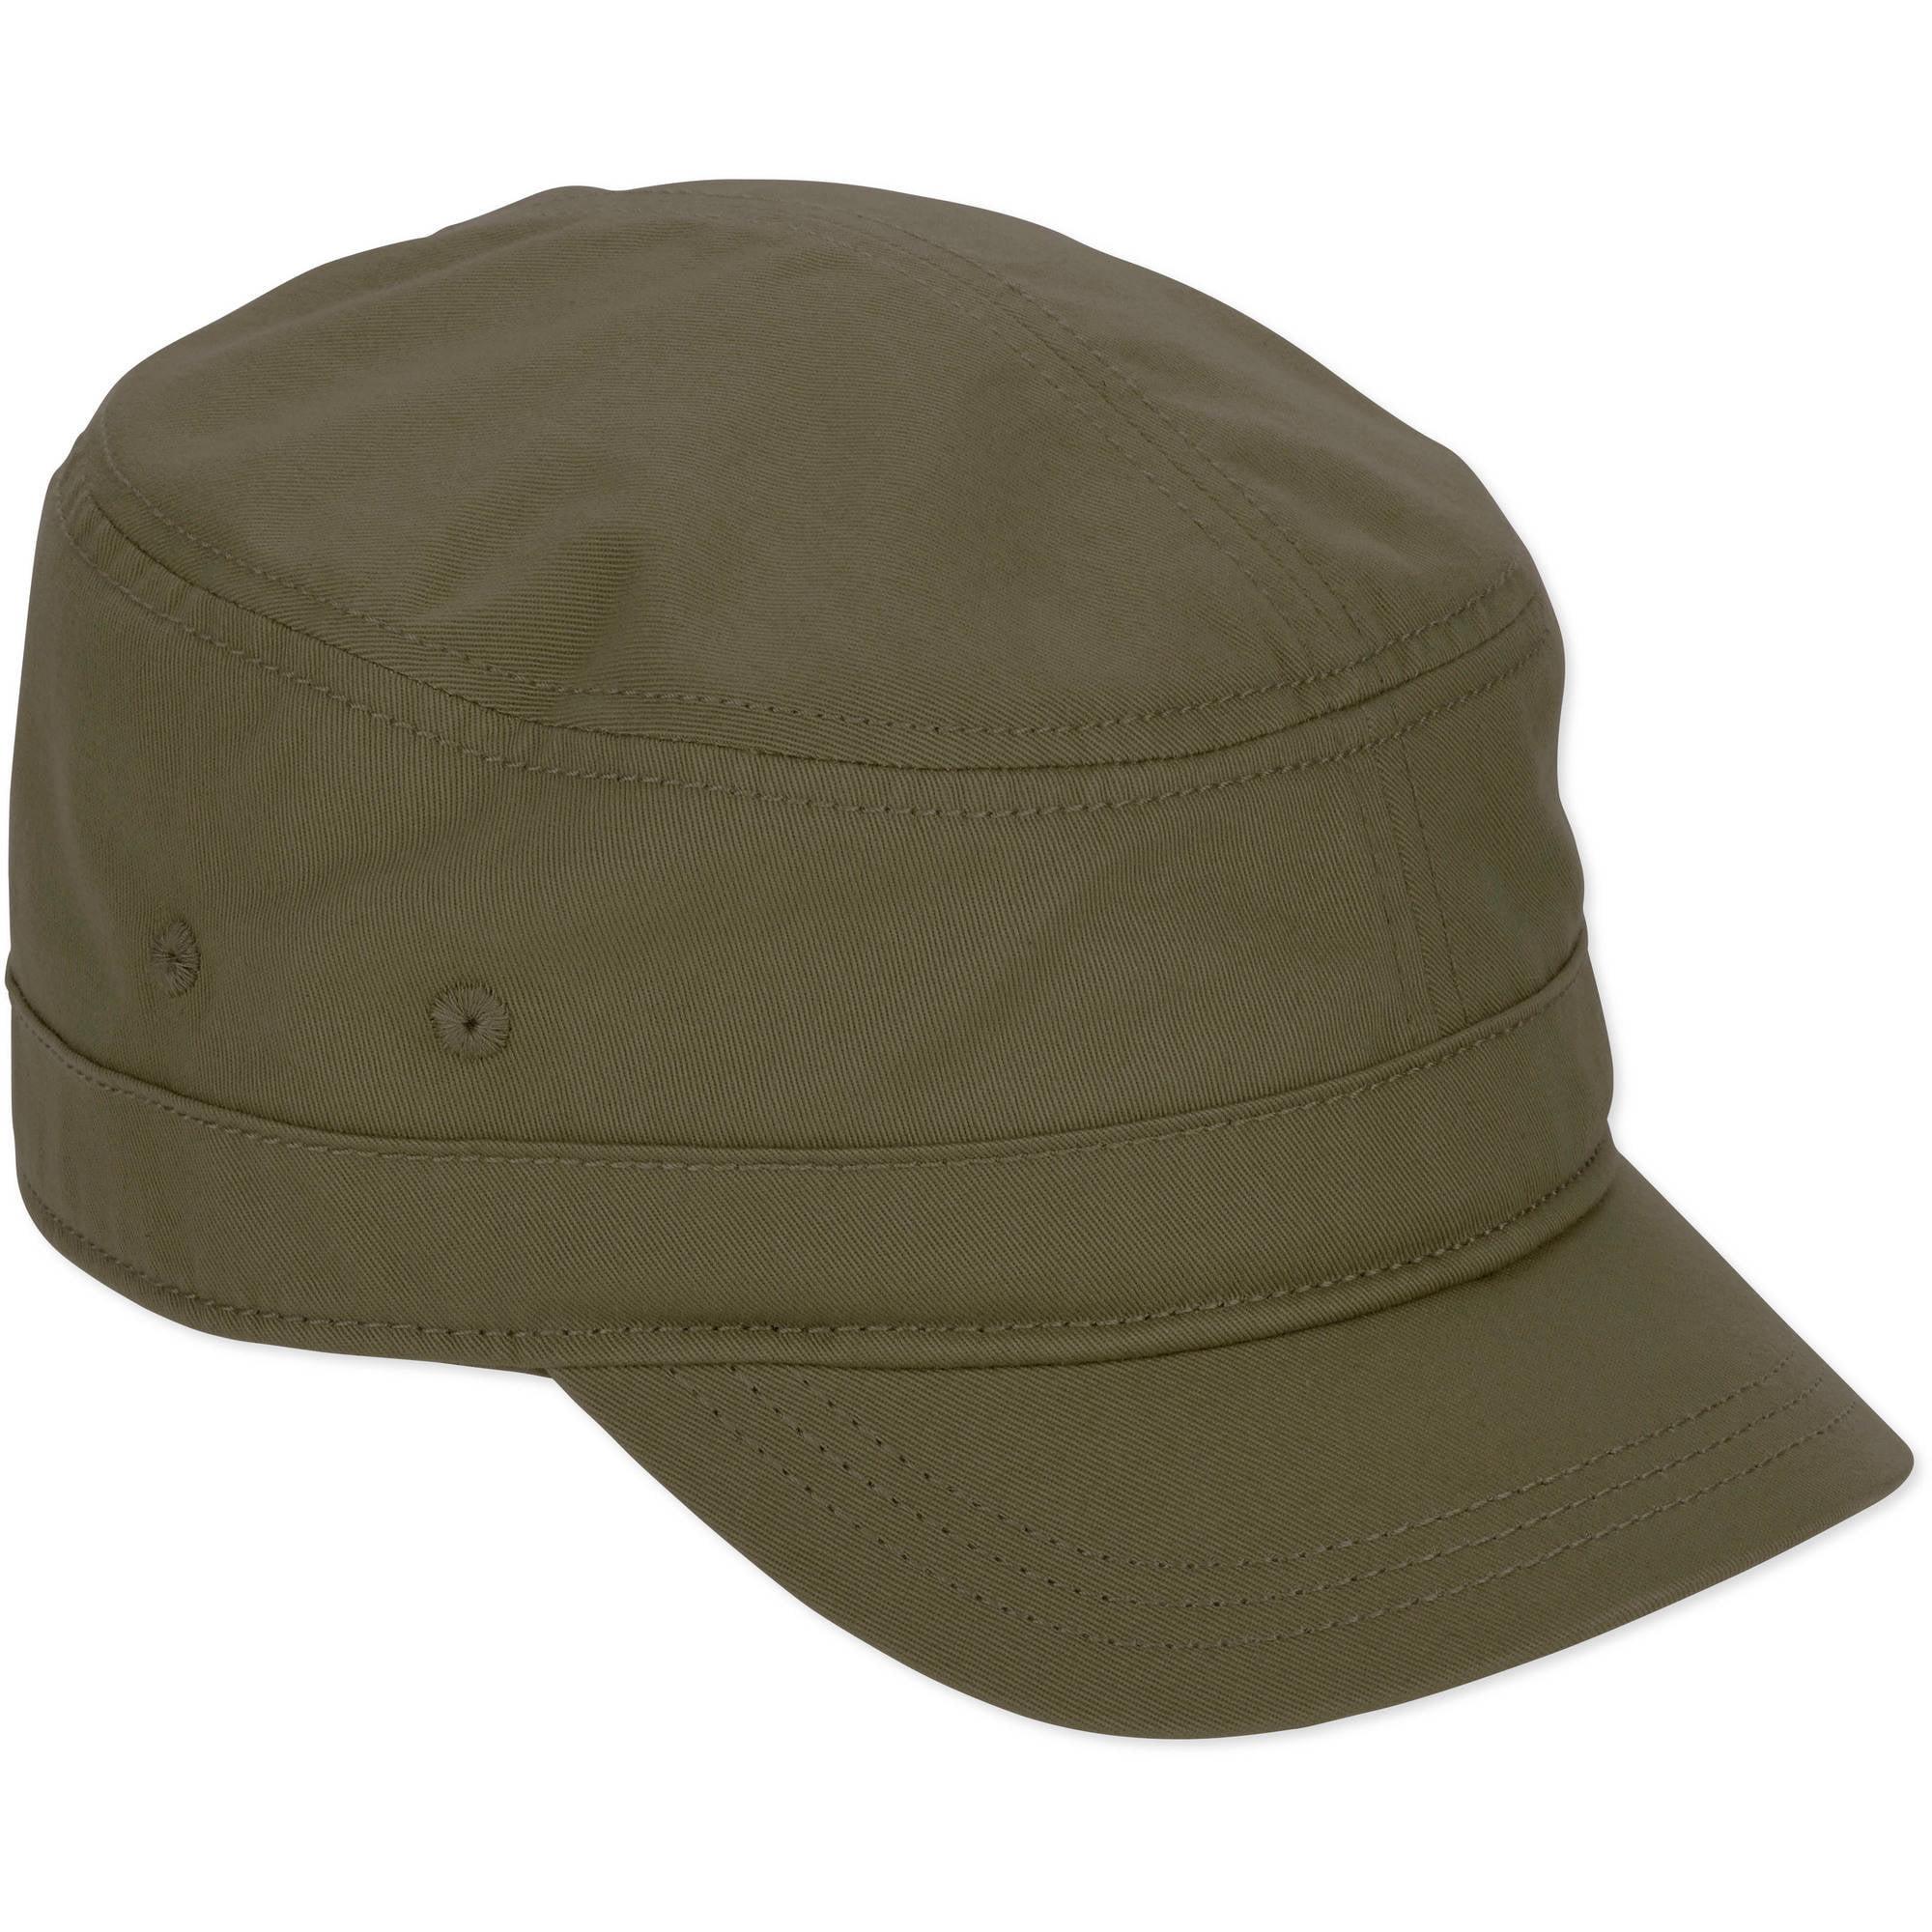 GENERIC - Men s Classic Cadet Hat - Walmart.com e5e3a89f8f9